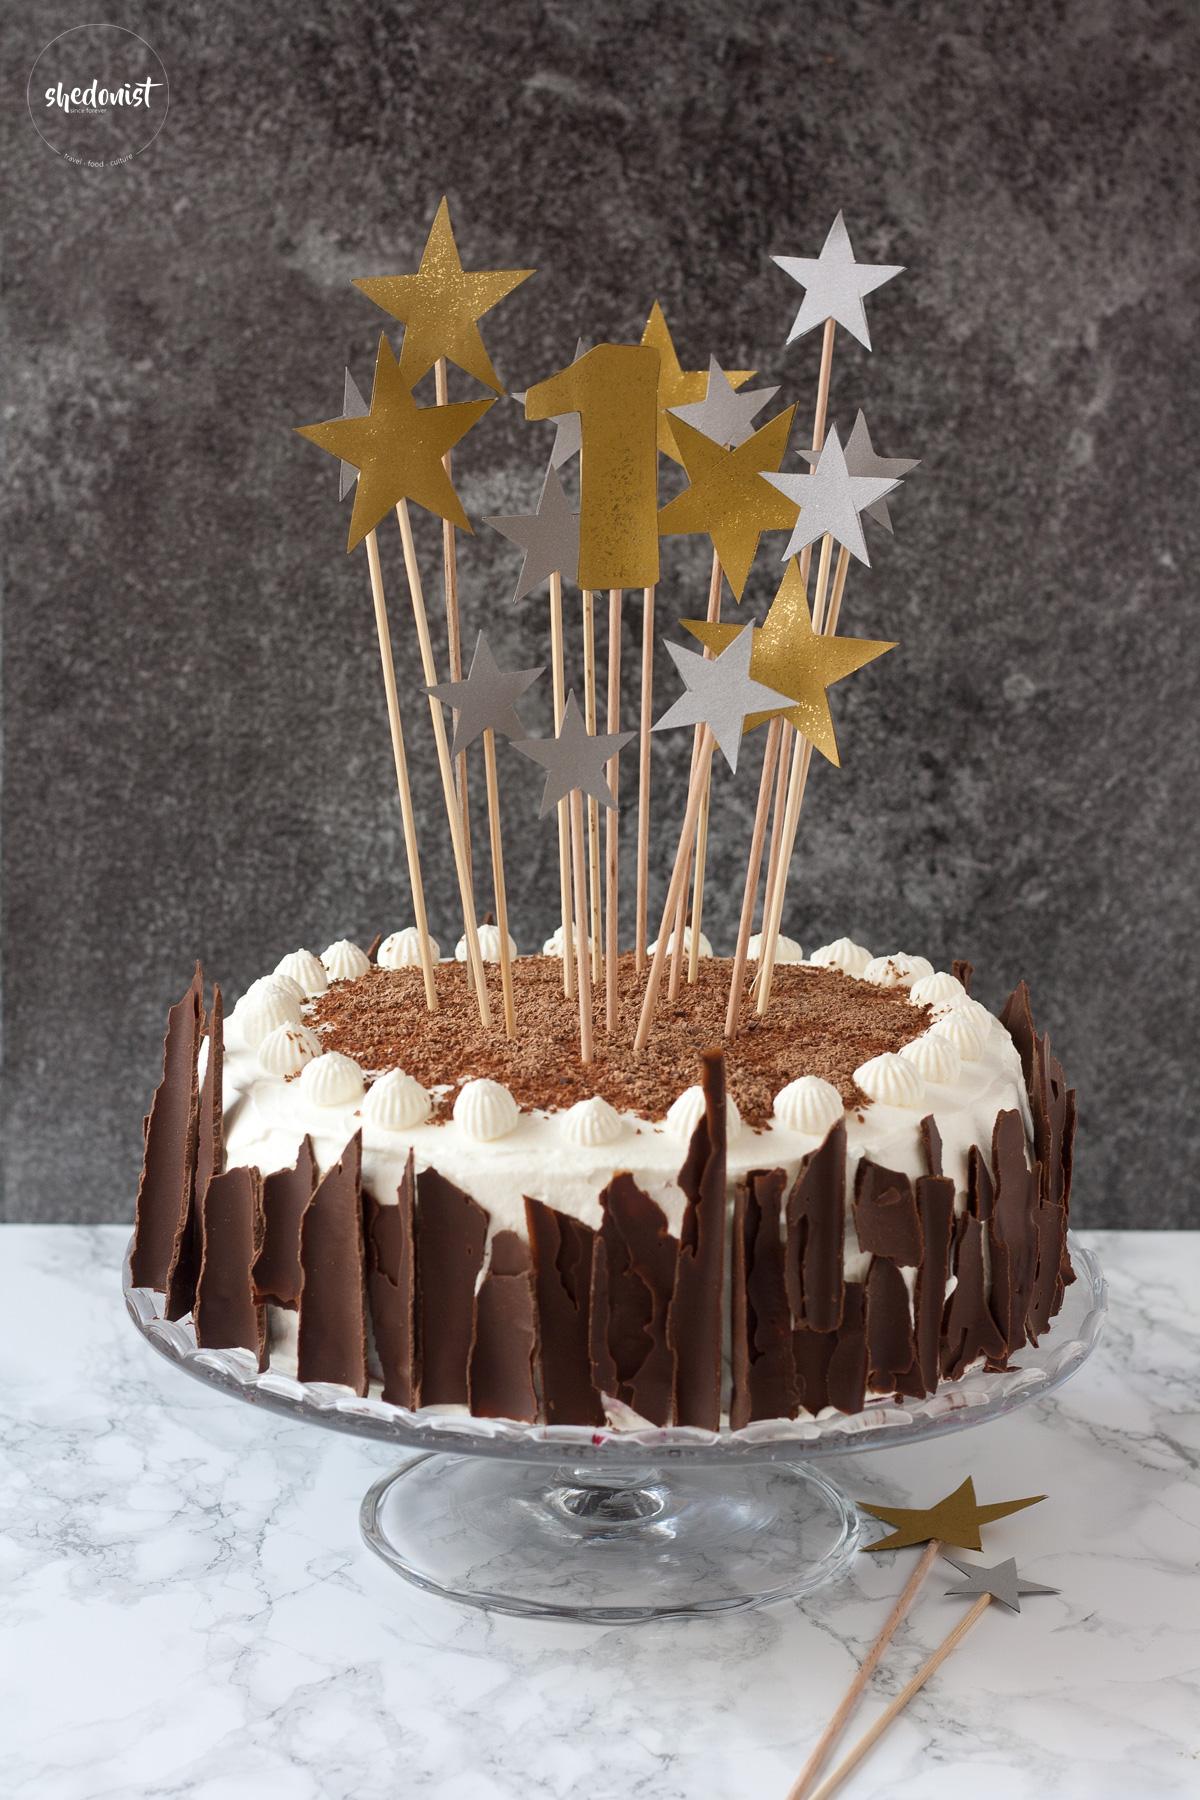 schwarzwald-cake-2